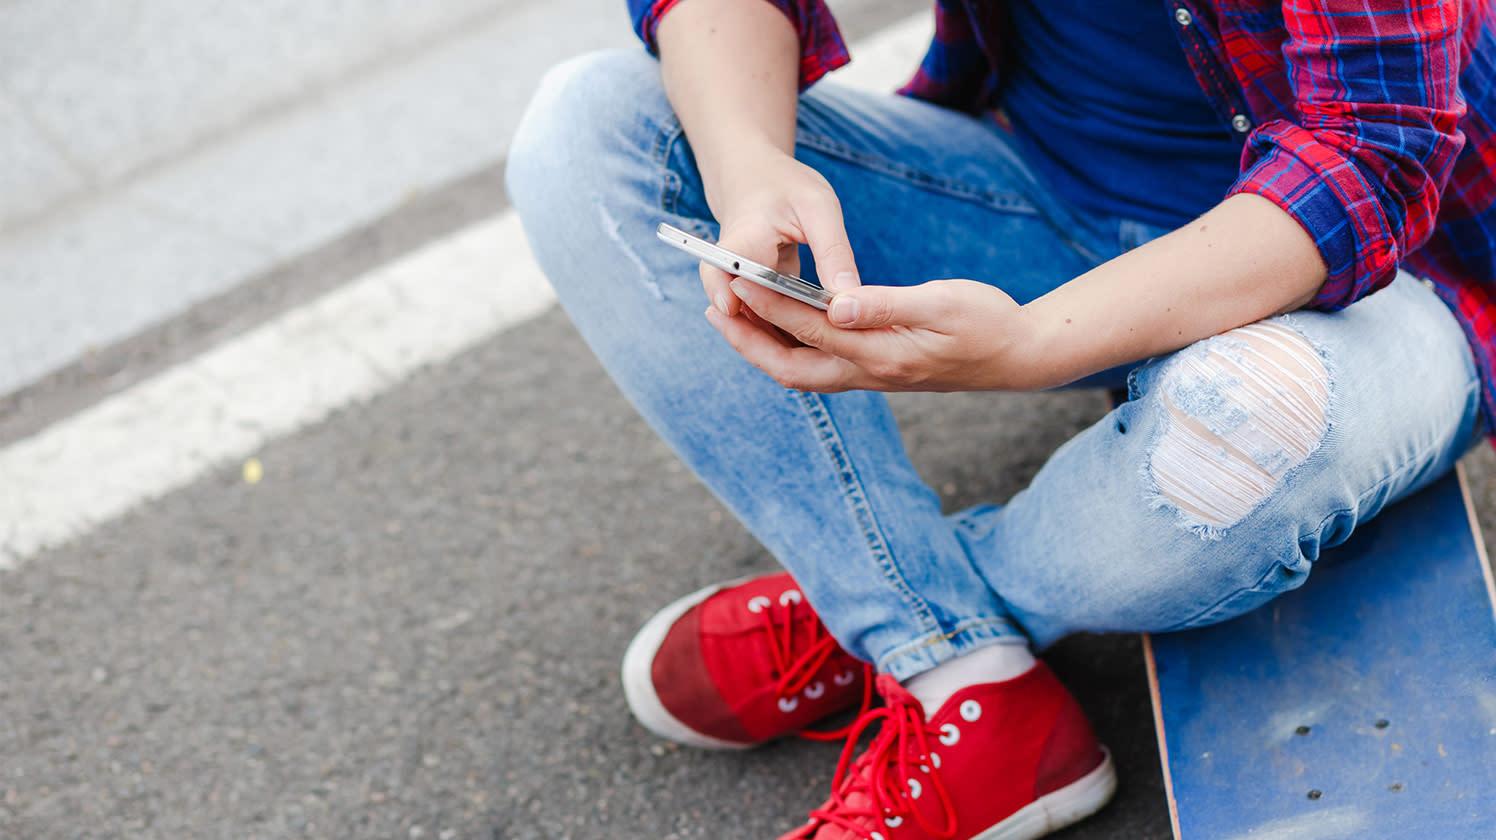 Pour une personne qui essaie de survivre, un téléphone mobile rend possible le lien essentiel avec les systèmes de soutien, dont les amis, les fournisseurs de soins de santé, les éducateurs, les employeurs et les travailleurs sociaux.